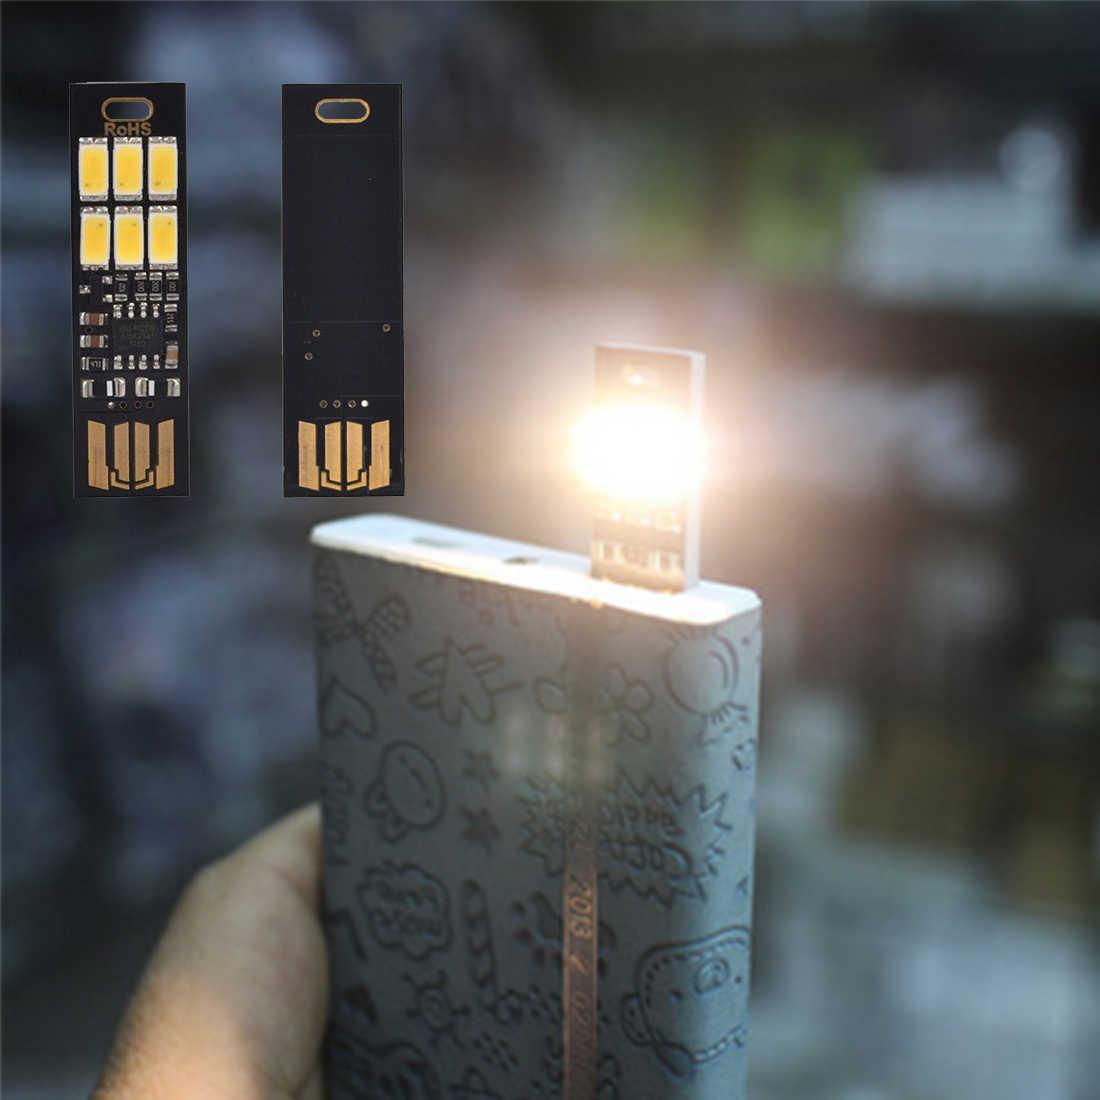 Полезная Ночная лампа Мини карманная карта USB мощность 6 LED брелок ночные огни Сенсорный Диммер теплый свет для банка мощности компьютера ноутбука